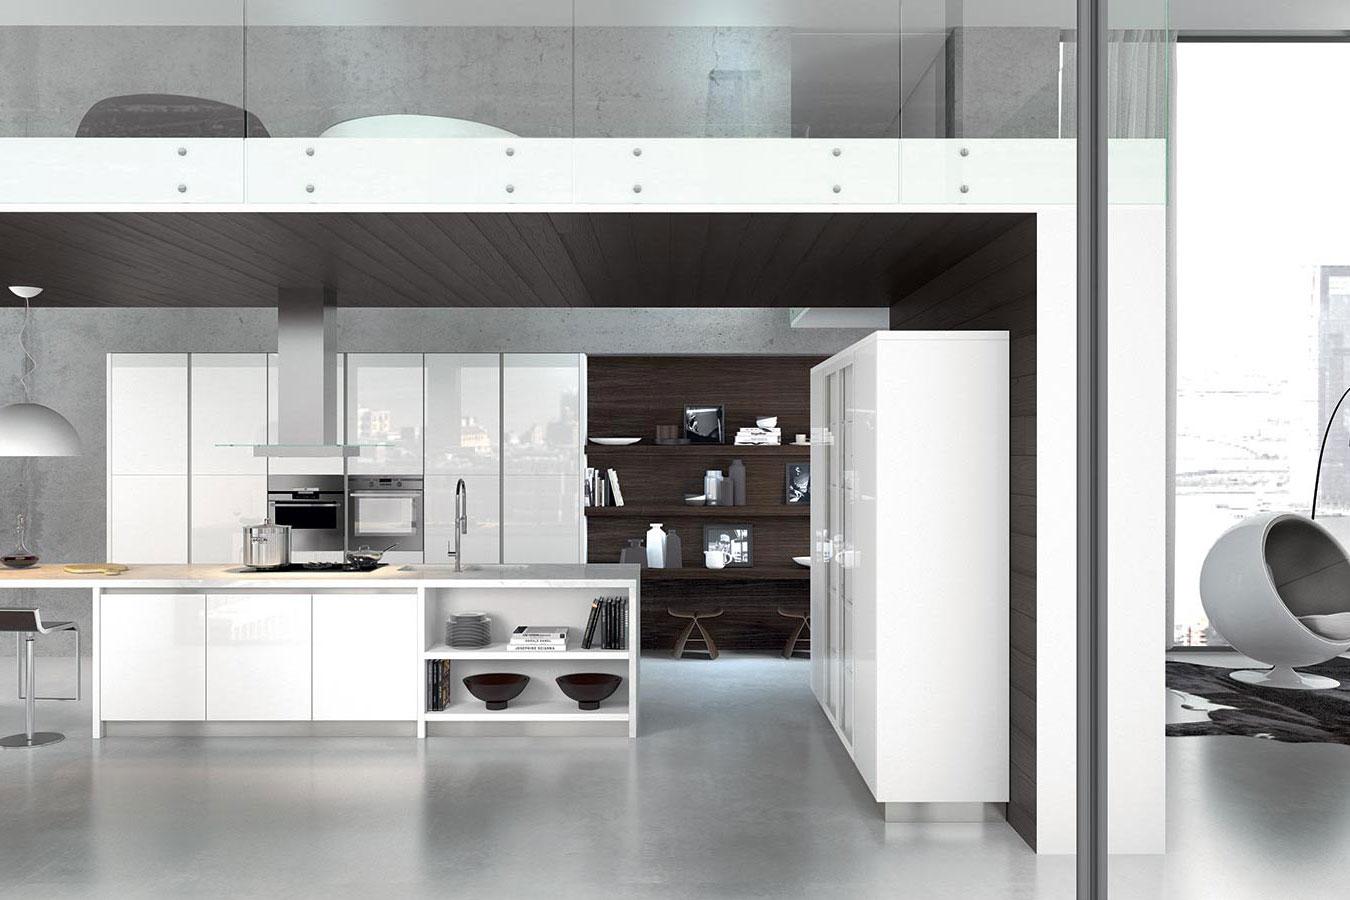 Cucina glass di arredo3 righetti mobili novara for Oggettistica cucina online